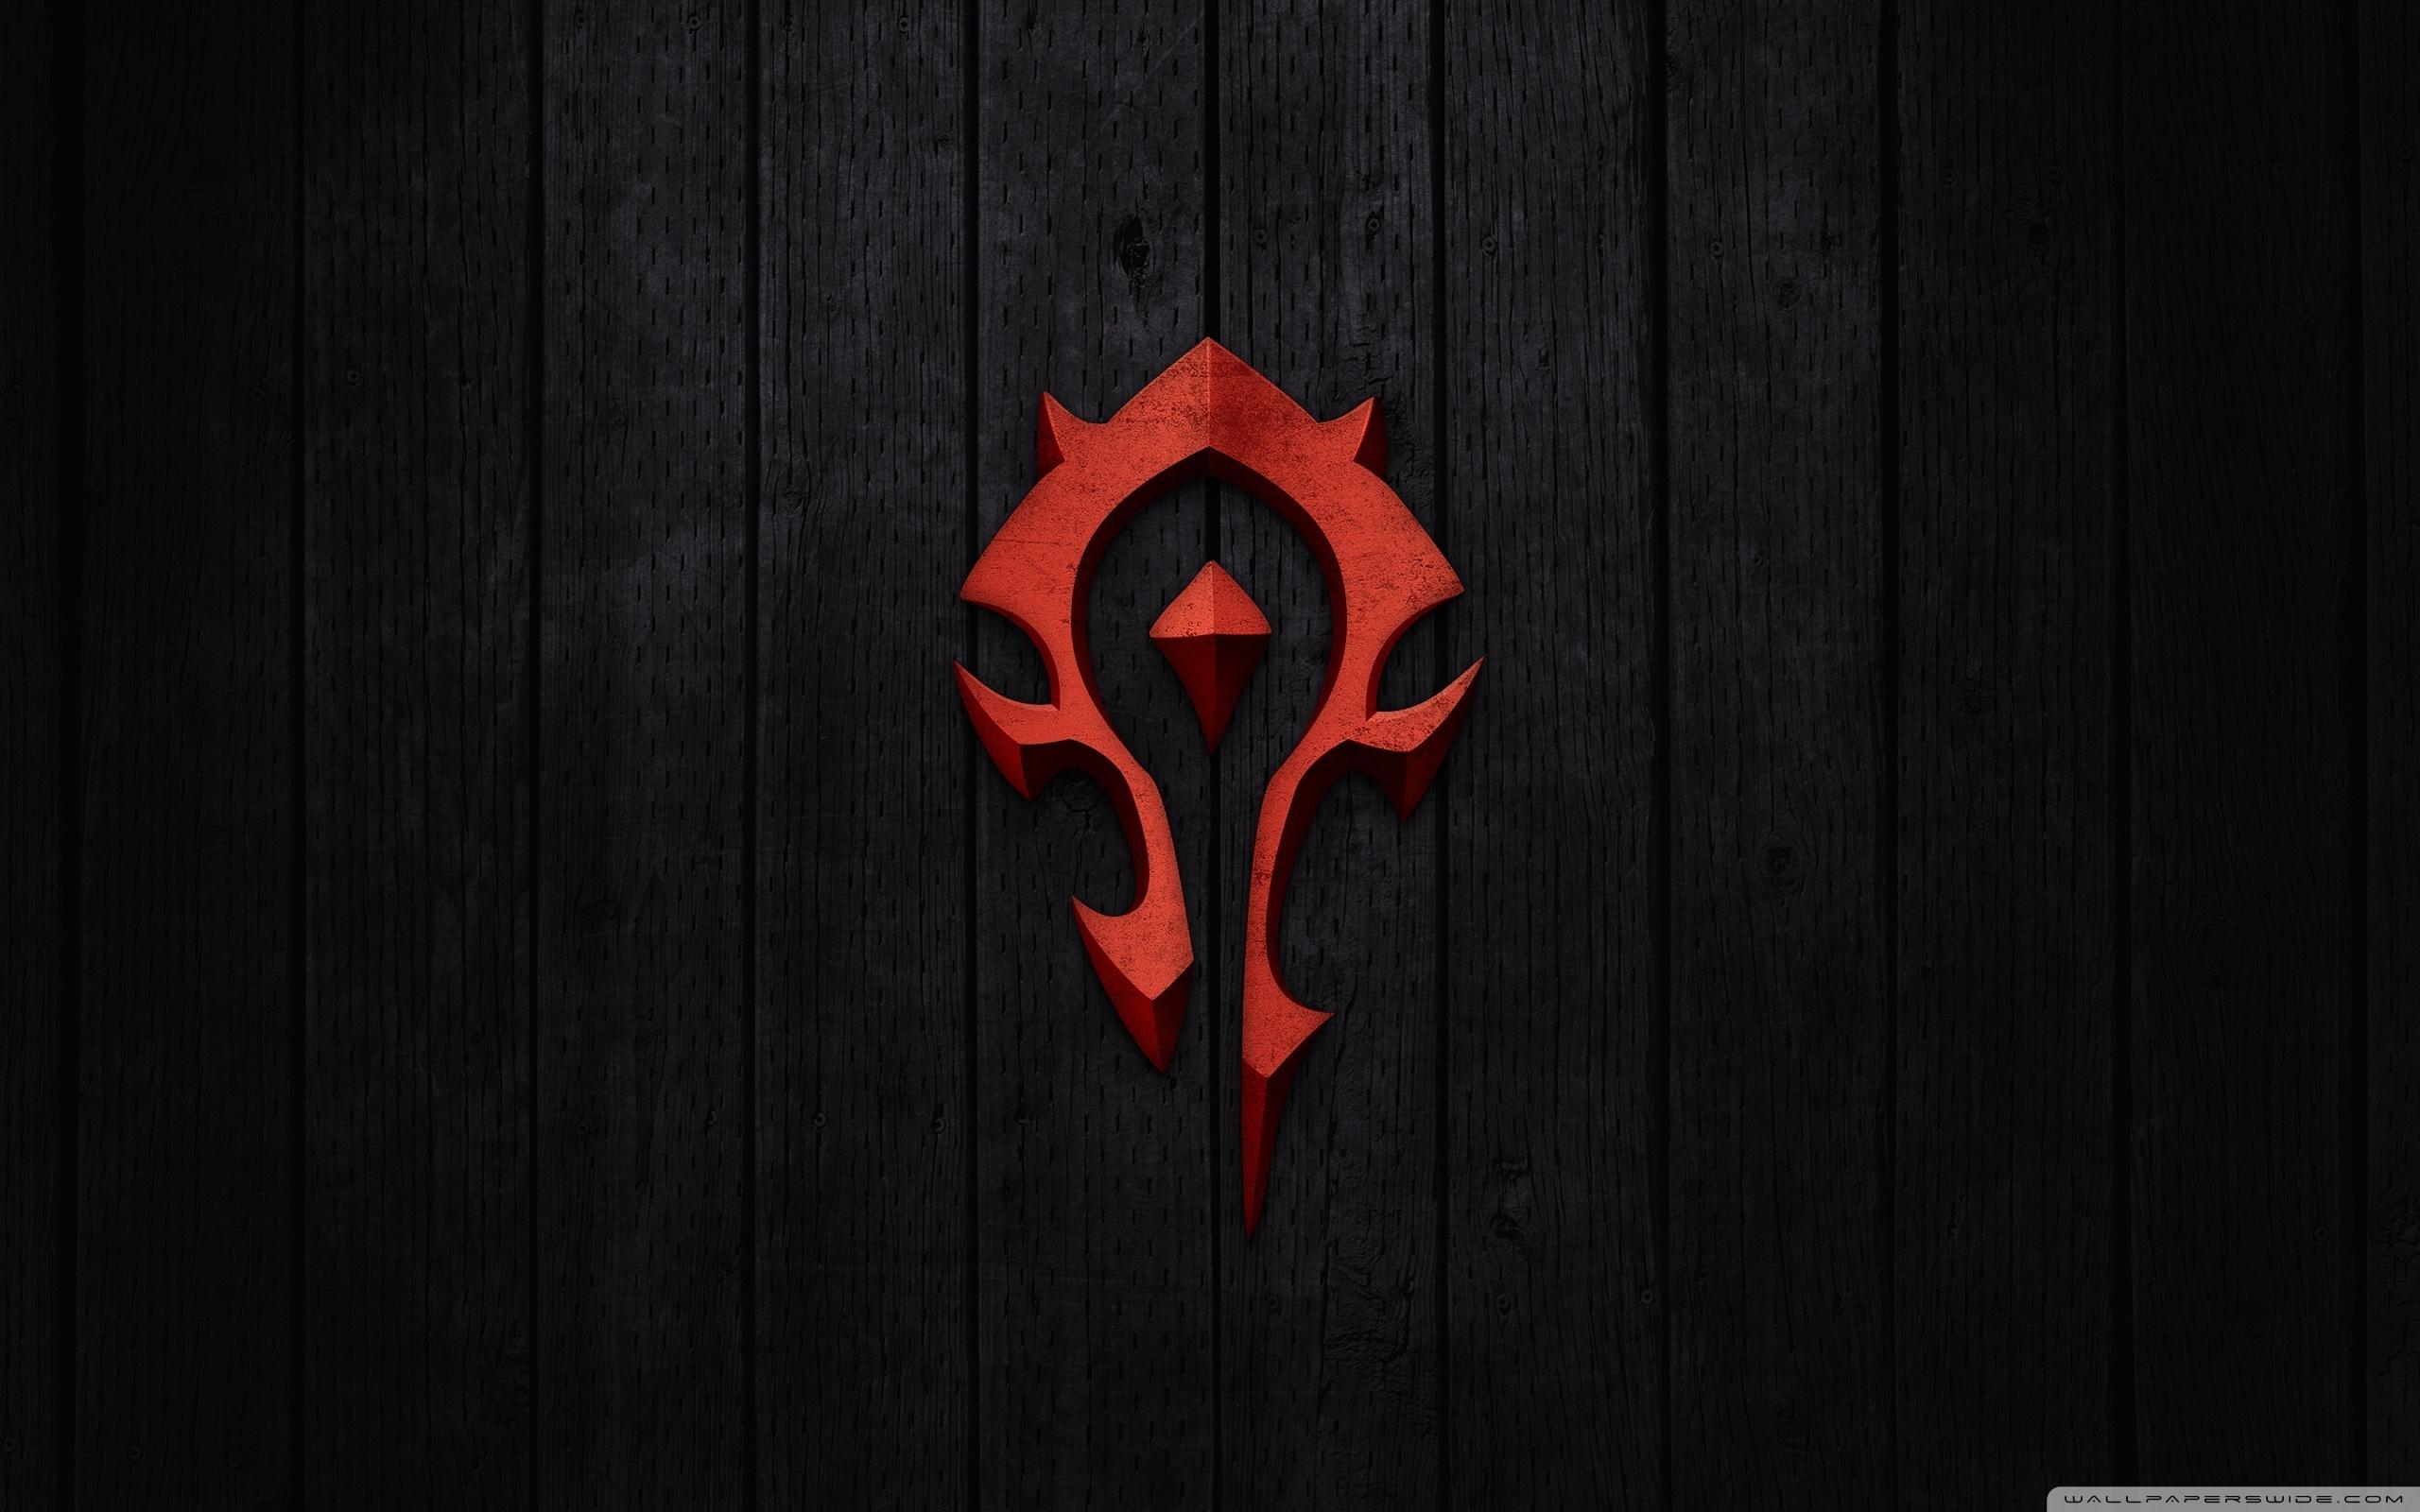 world of warcraft - horde sign ❤ 4k hd desktop wallpaper for 4k